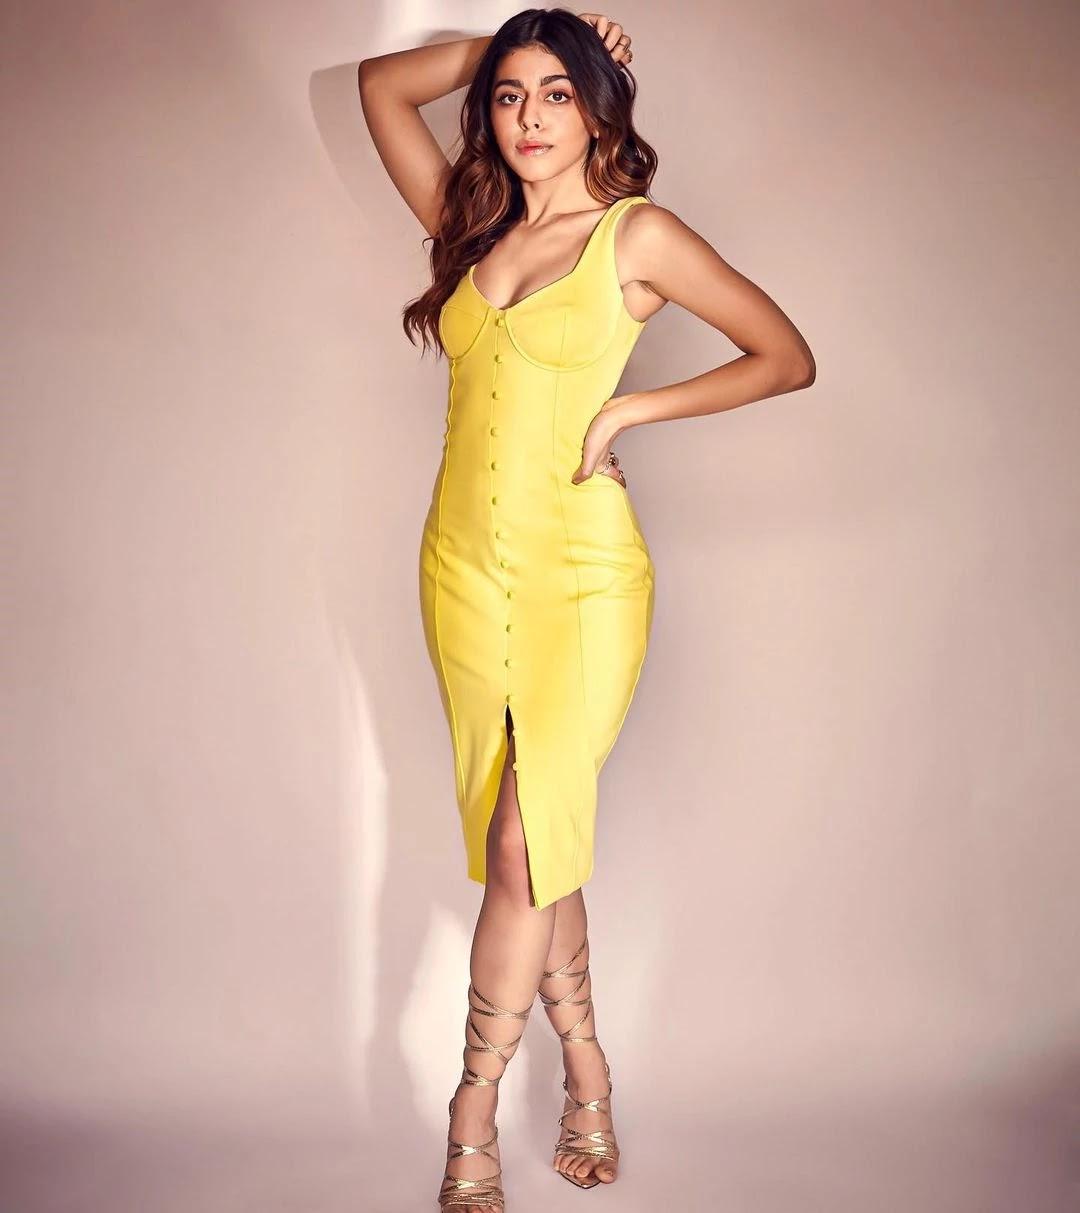 alaya-furniturewala-in-yellow-bodycon-dress